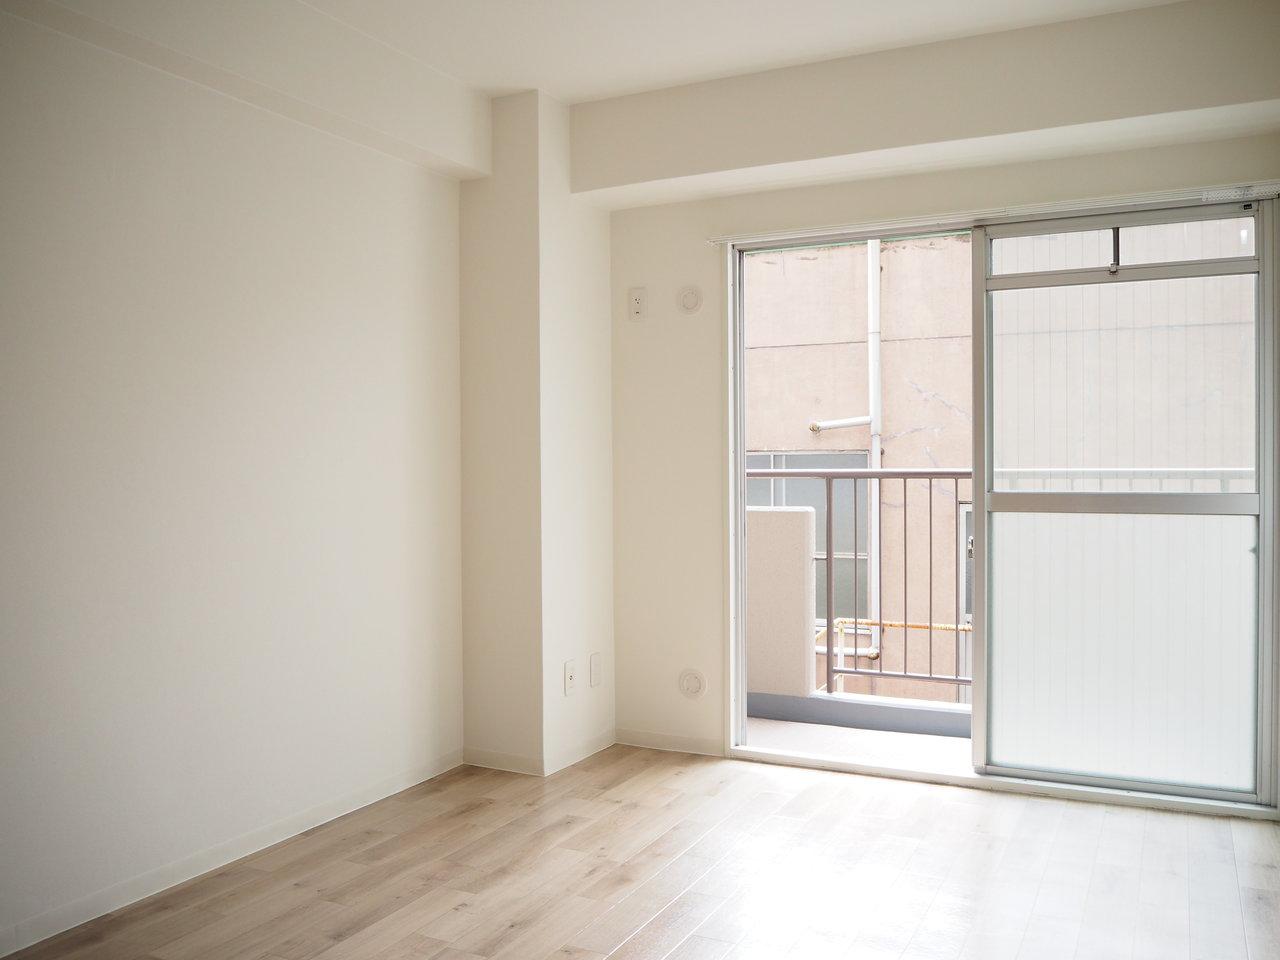 寝室に使うであろう、洋室部分にも大きな窓が。もちろんベランダも。洗濯物、たくさん干せそうでうれしいですね。しかもこの洋室は、居室スペースと完全に部屋が分けられているので、生活スタイルの違うふたり暮らしとしても住みやすいかもしれないですね。